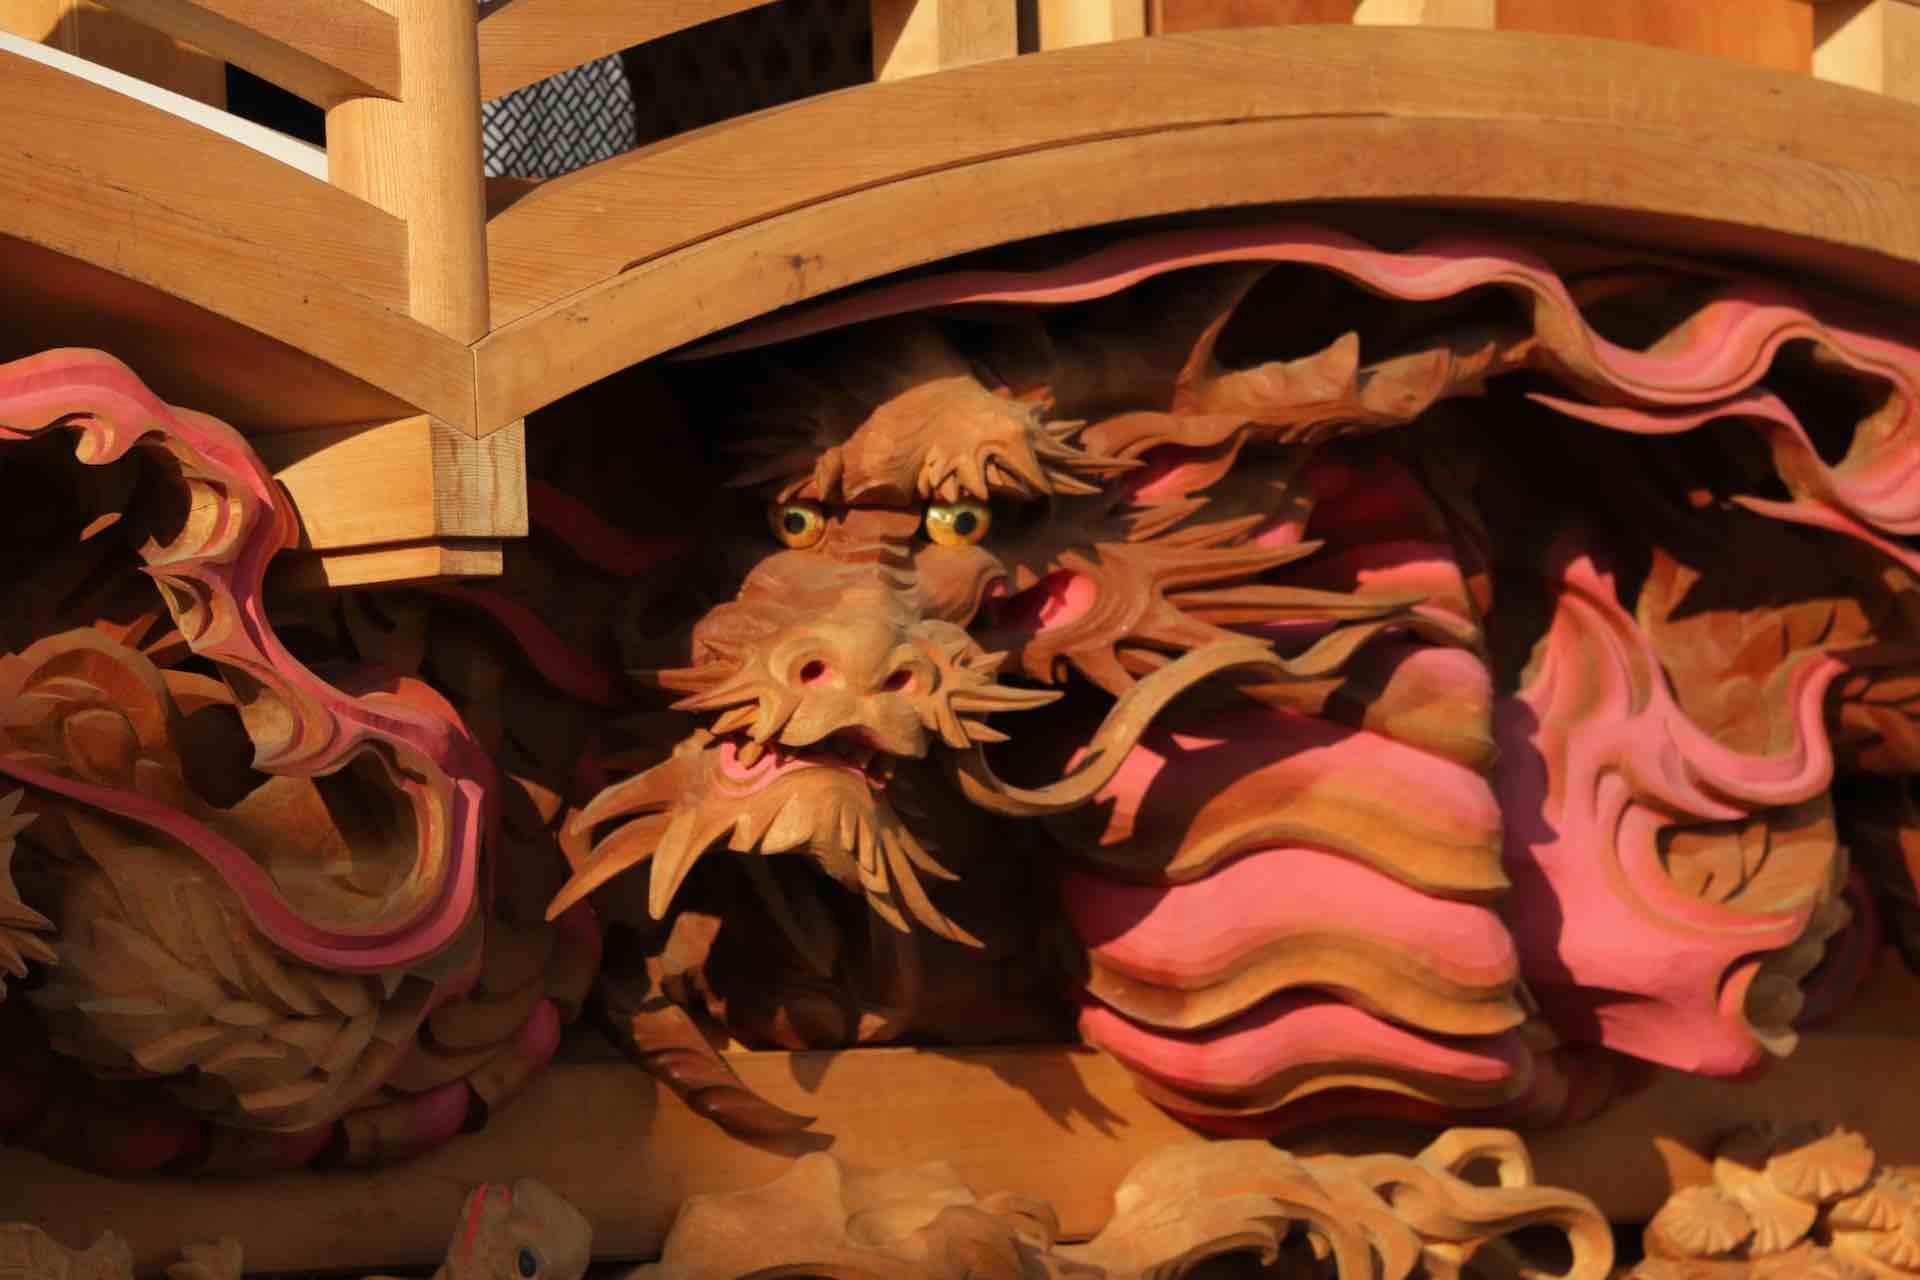 こちらは現役の職人さんが彫った龍